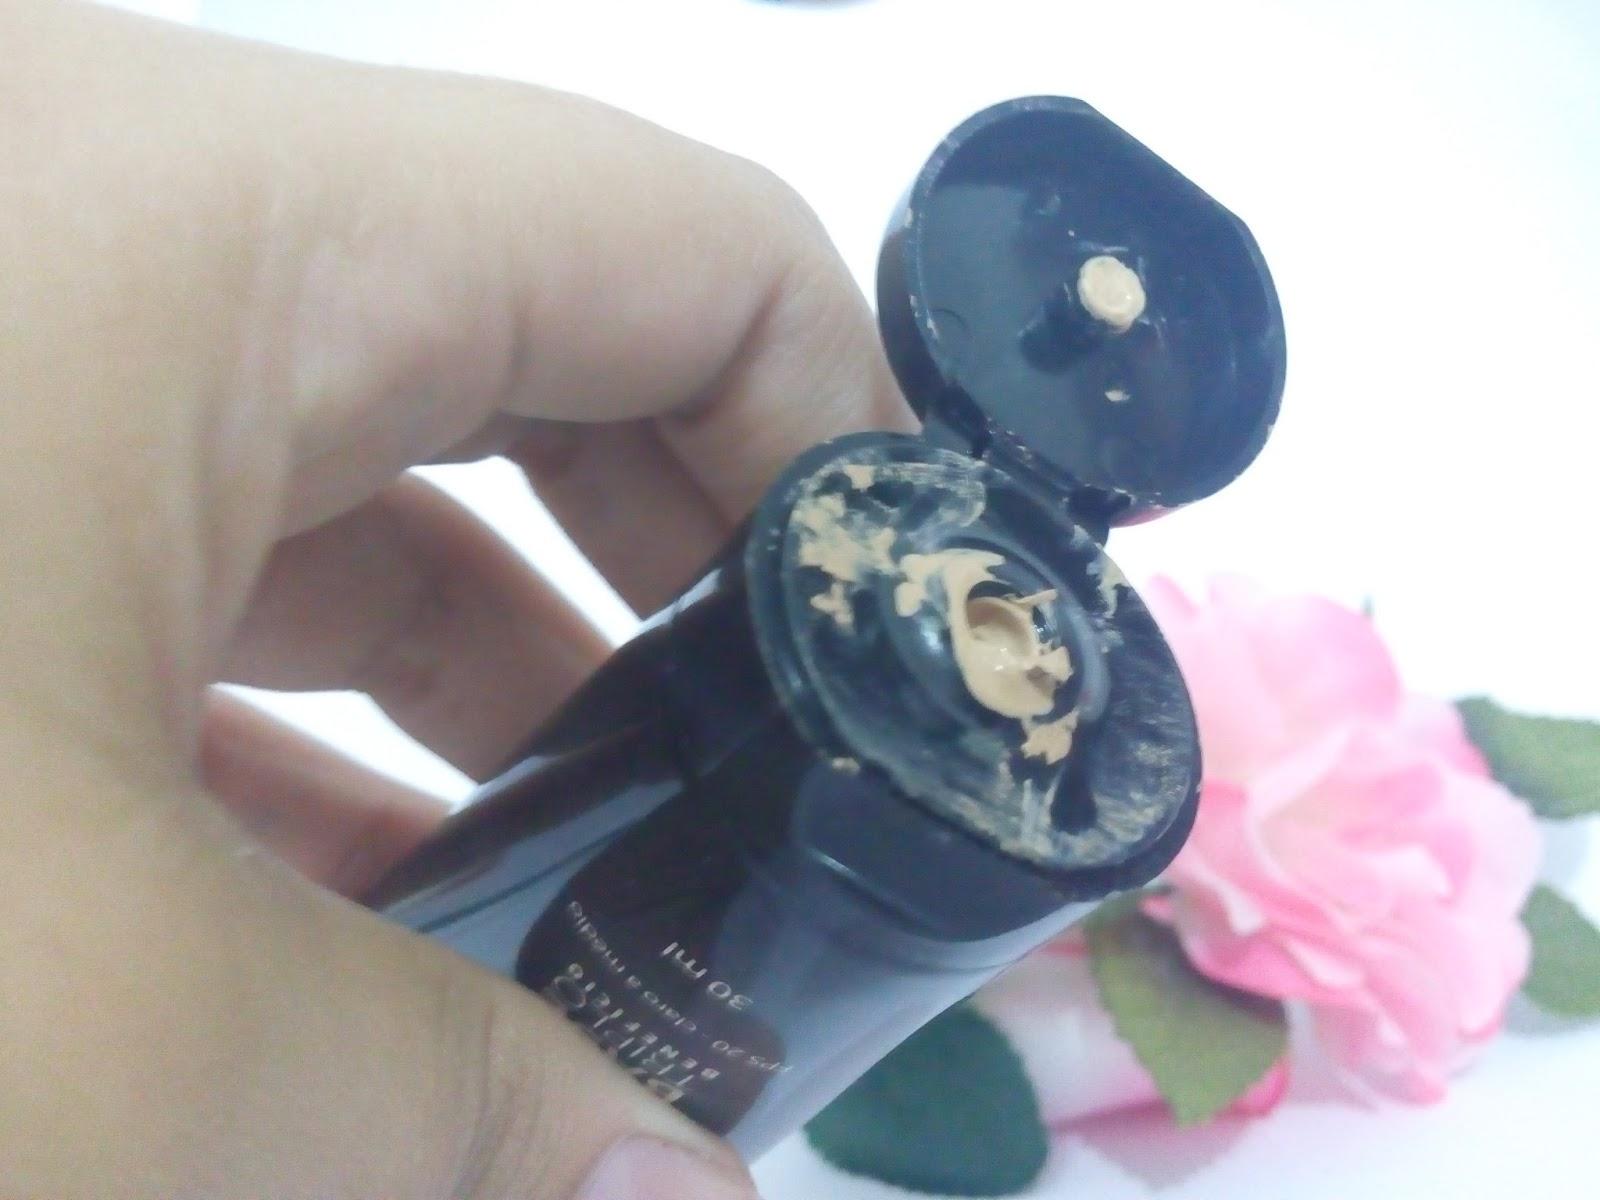 Base Triplo Benefício Jequiti, exalando purpurina, maquiagem, make